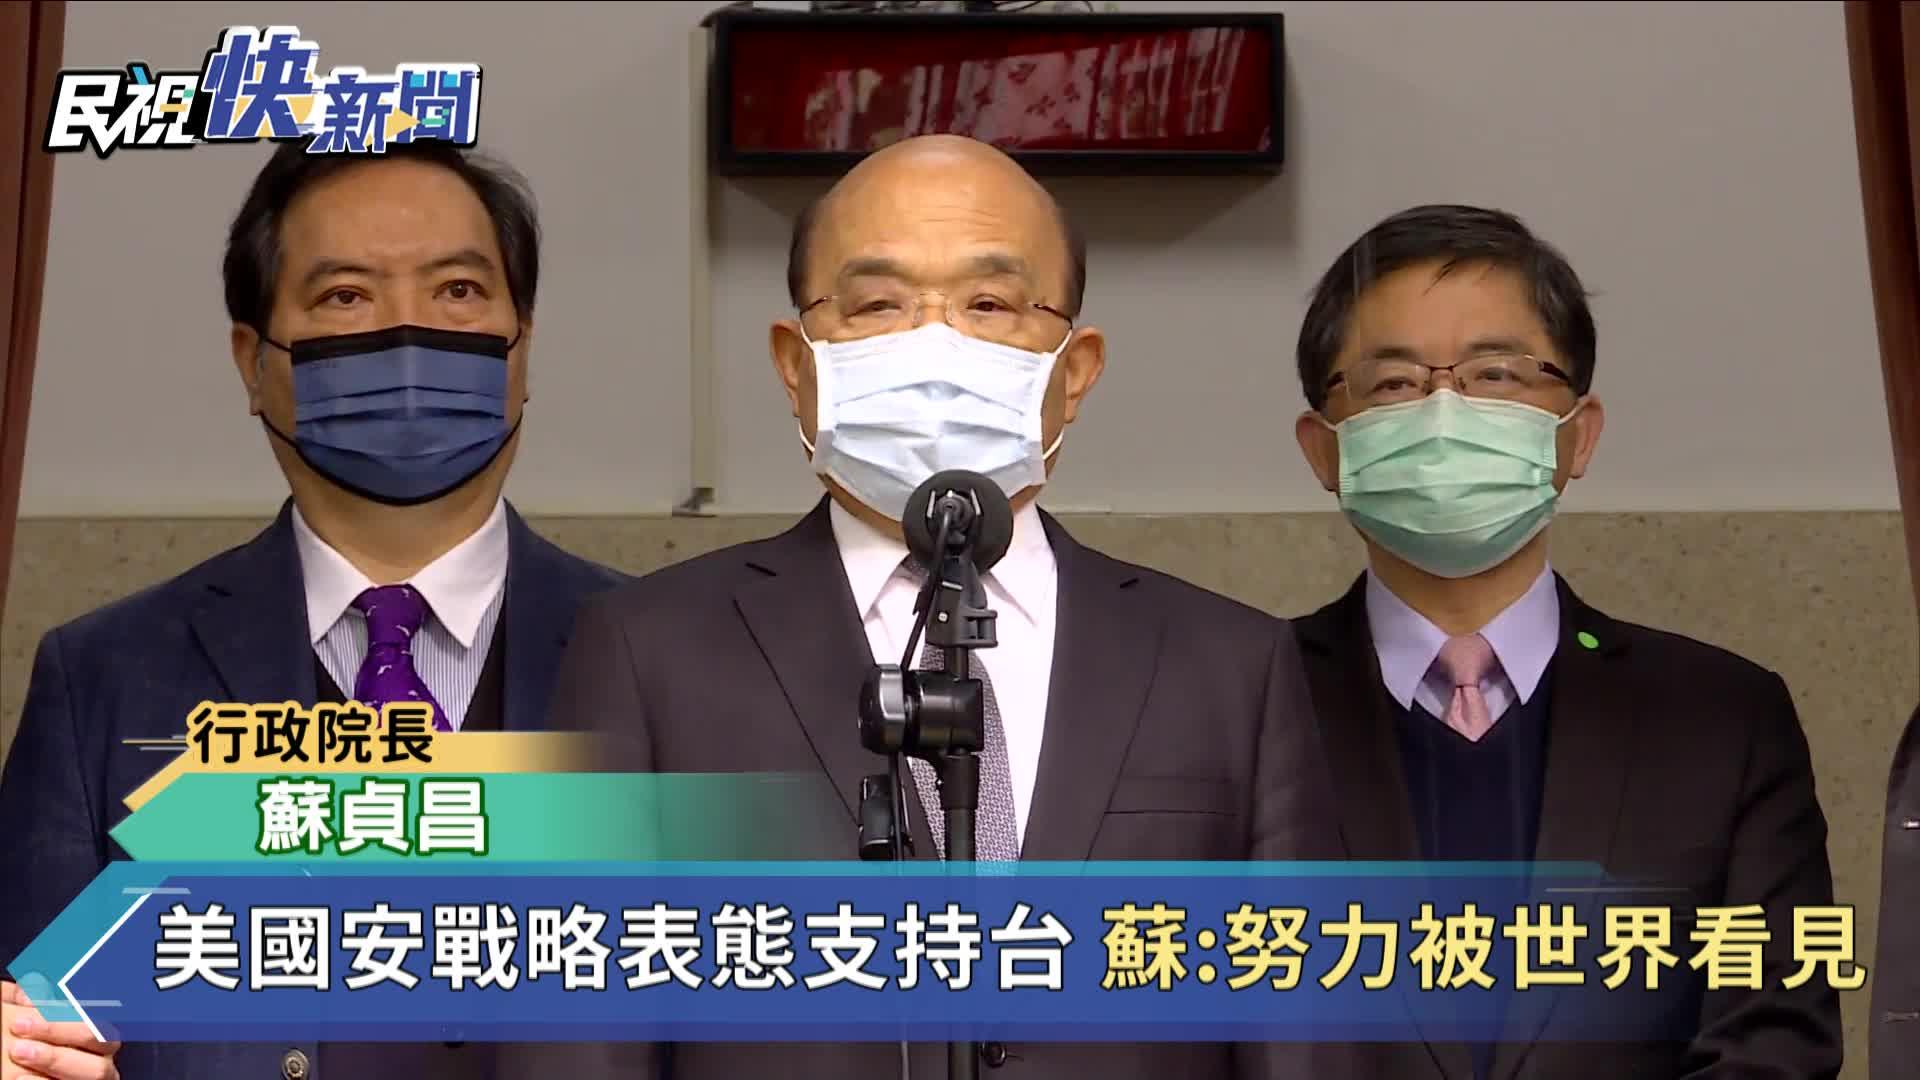 快新聞/ 美國明確表態「支持台灣」 蘇貞昌:過去有人譏笑「我們押錯寶」